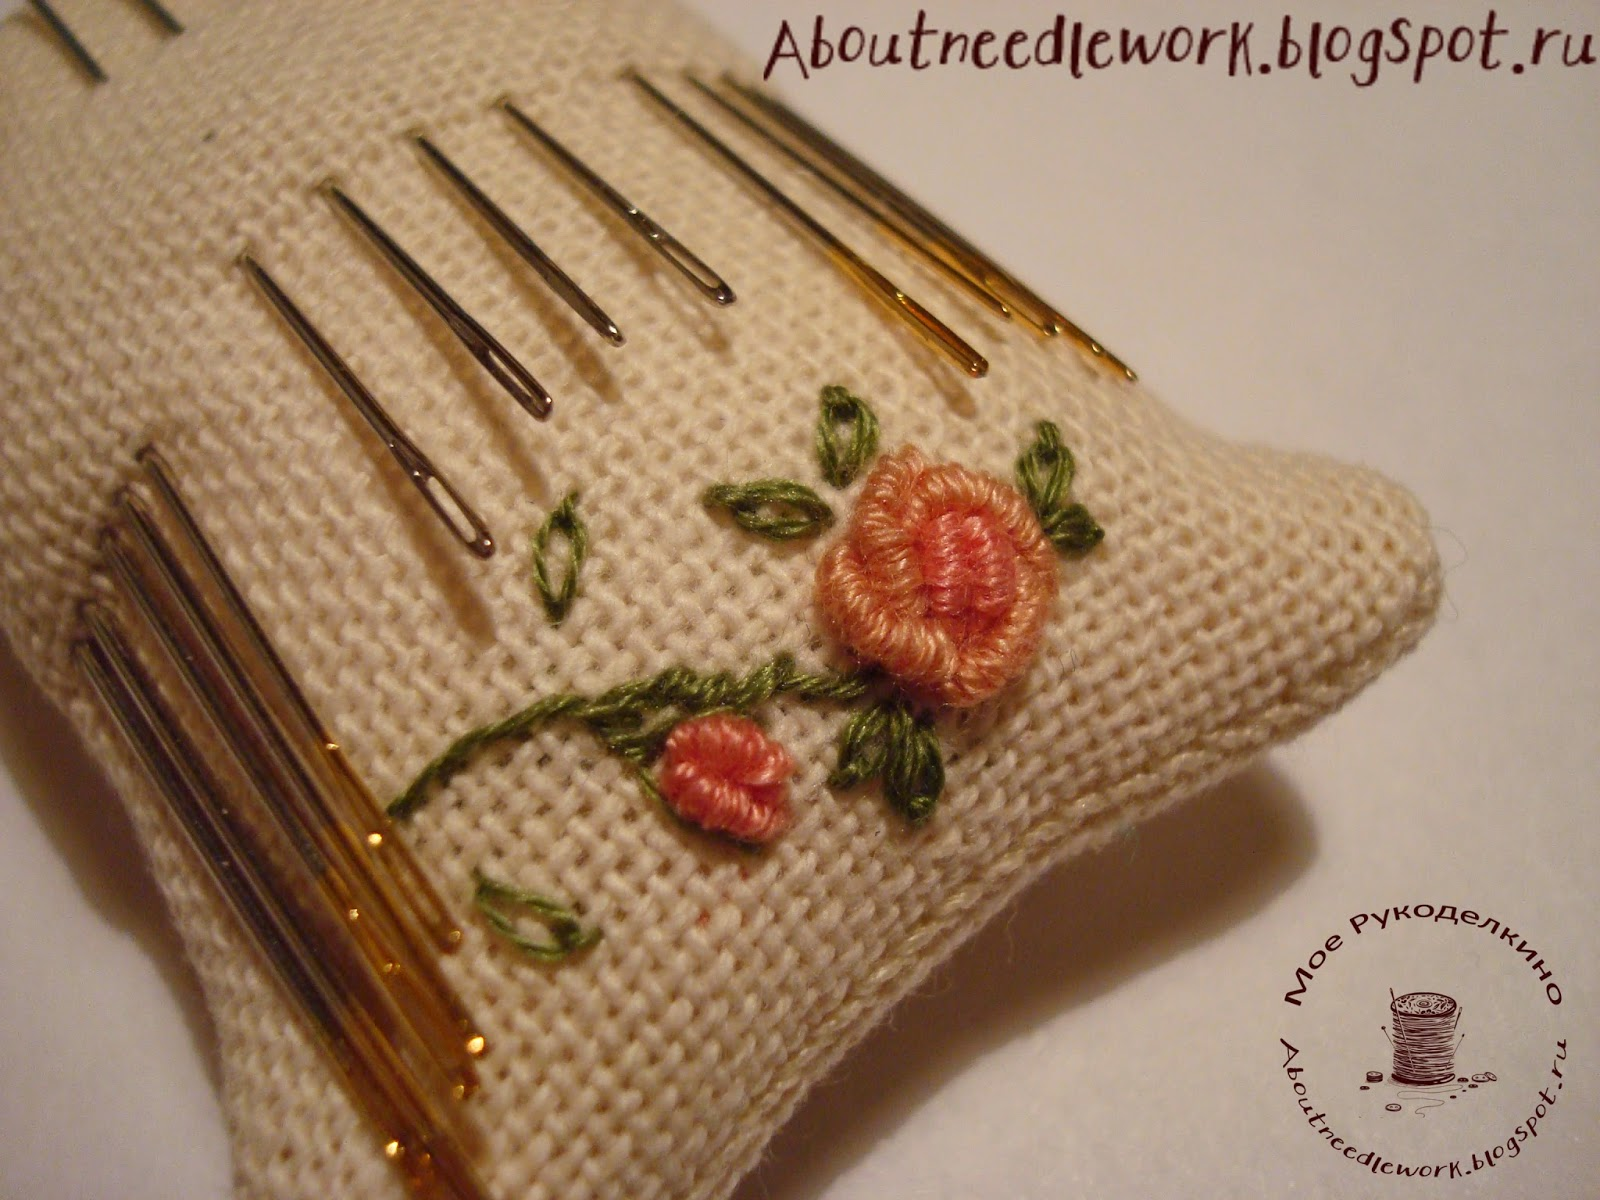 Игольница: вышивка рококо